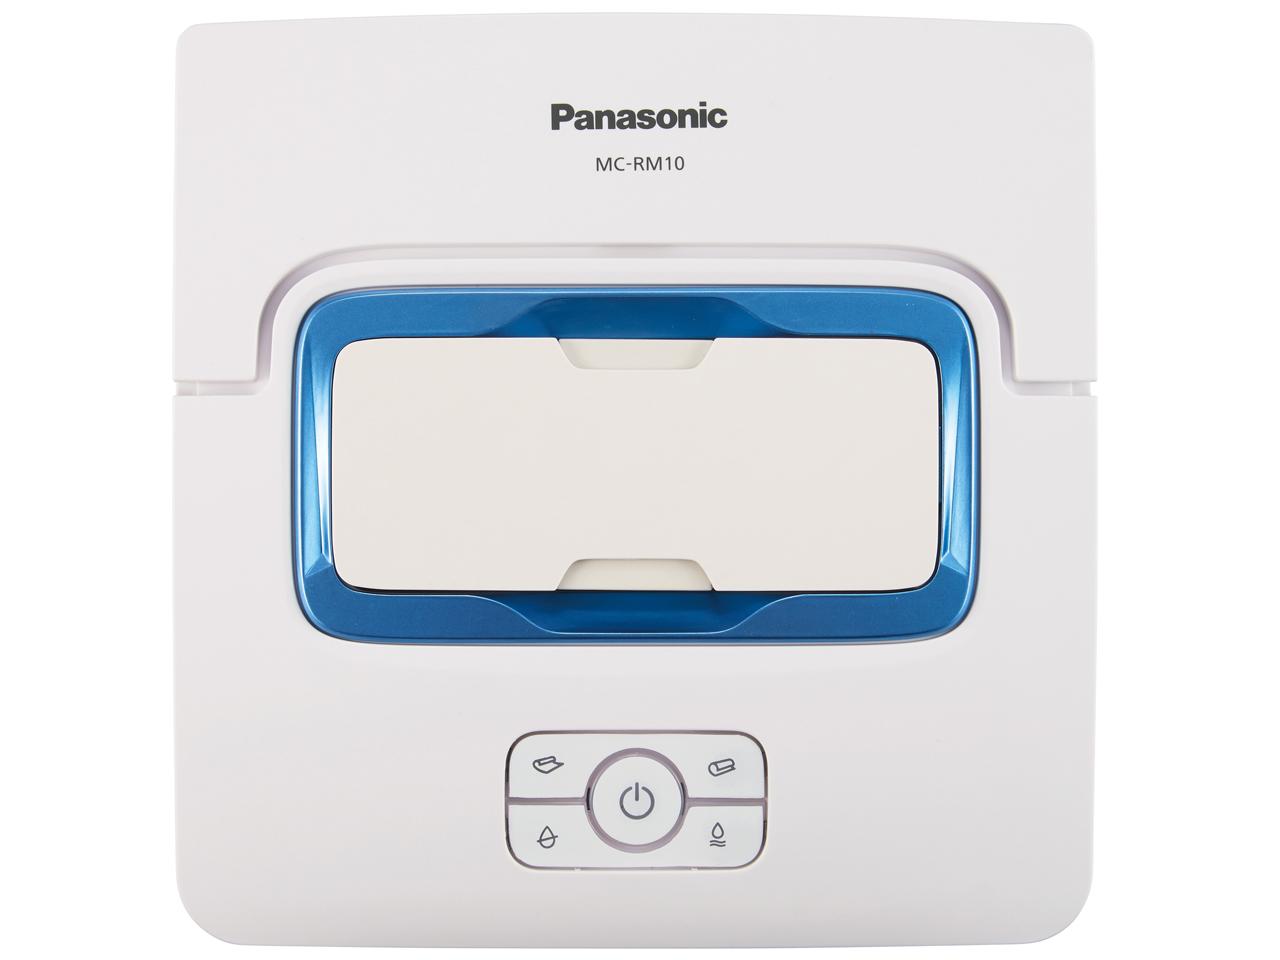 パナソニック MC-RM10-W 床拭きロボット掃除機「Rollan(ローラン)」[MCRM10W]